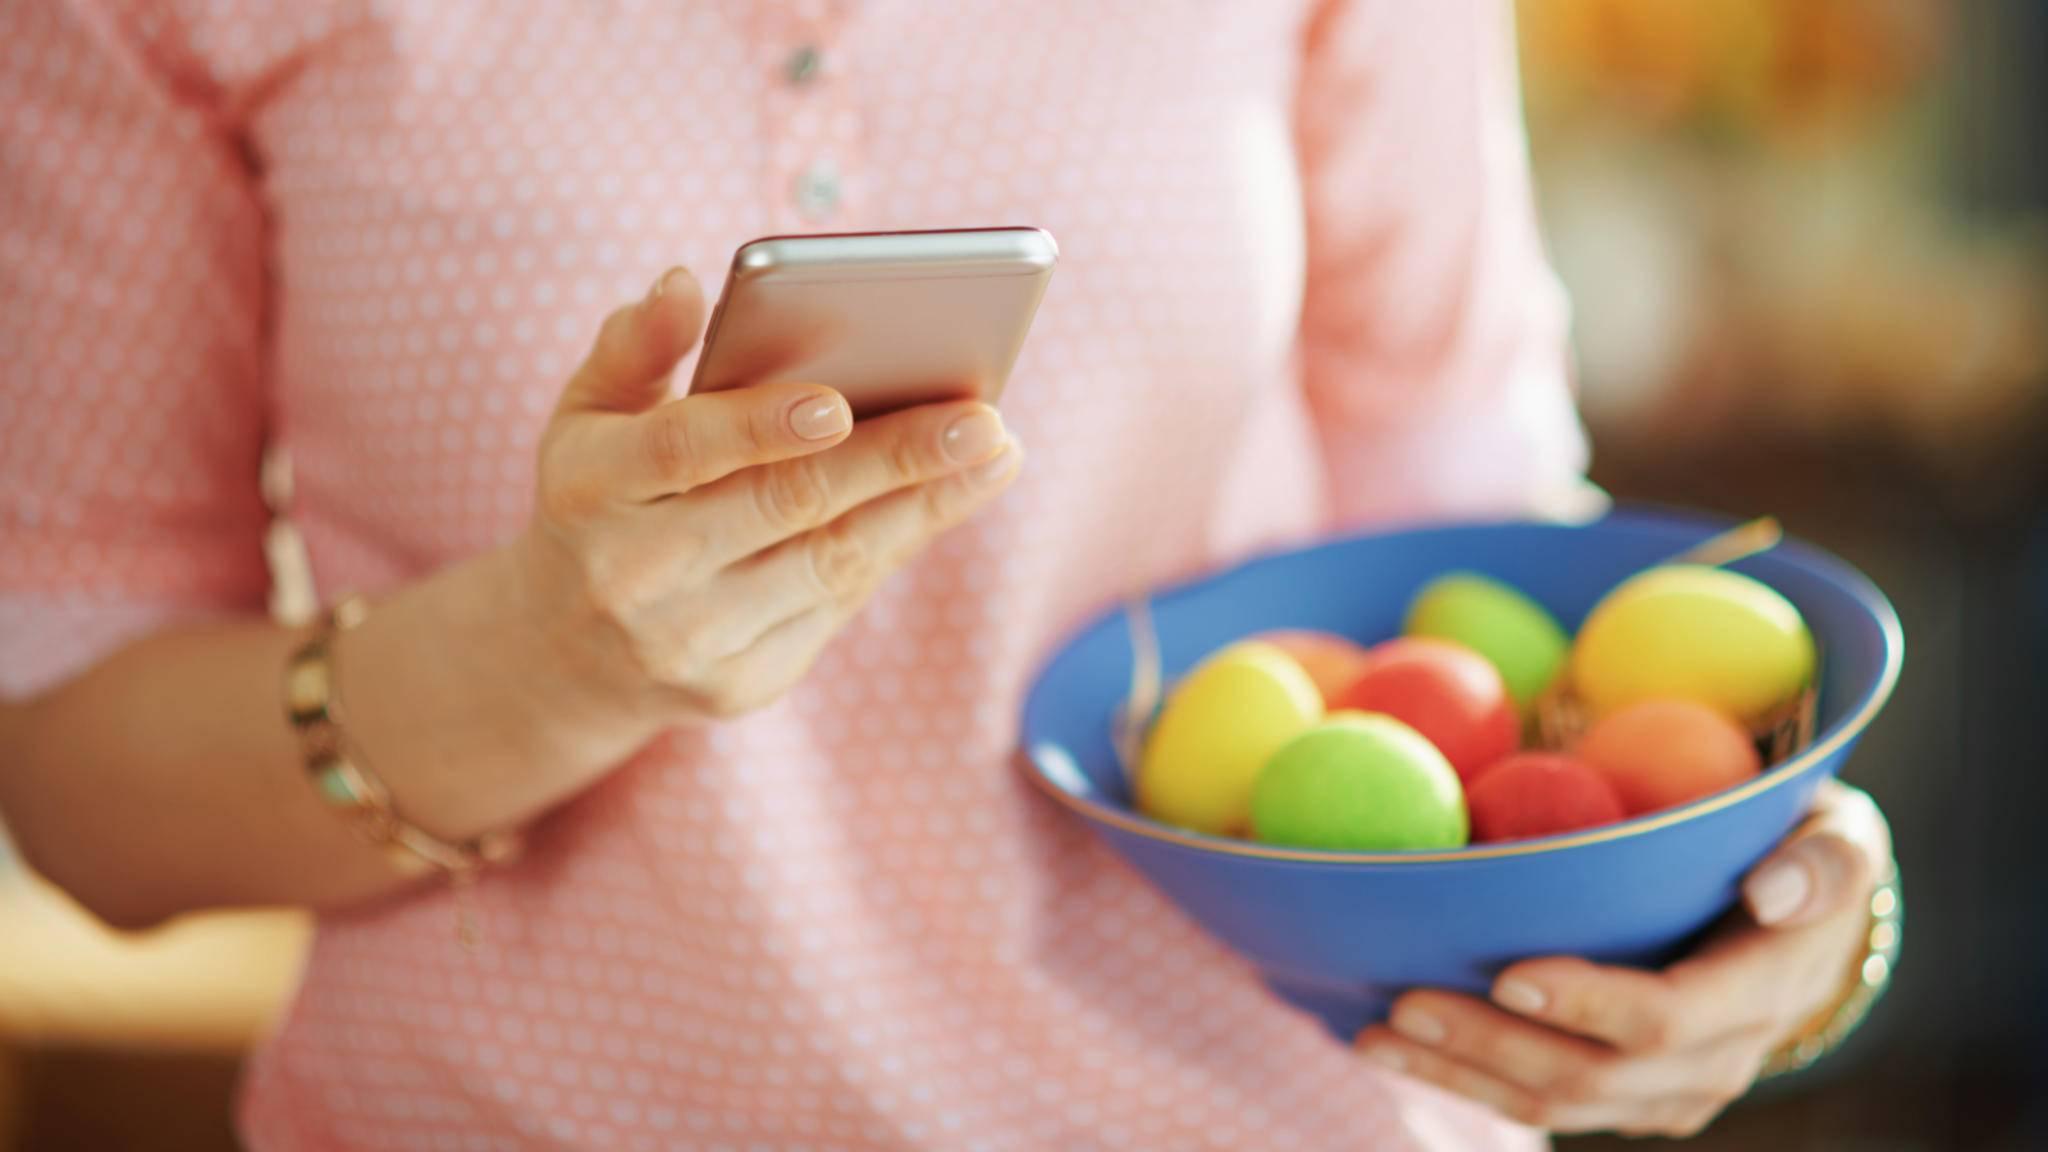 Osternest Eier Ostern Frau Smartphone